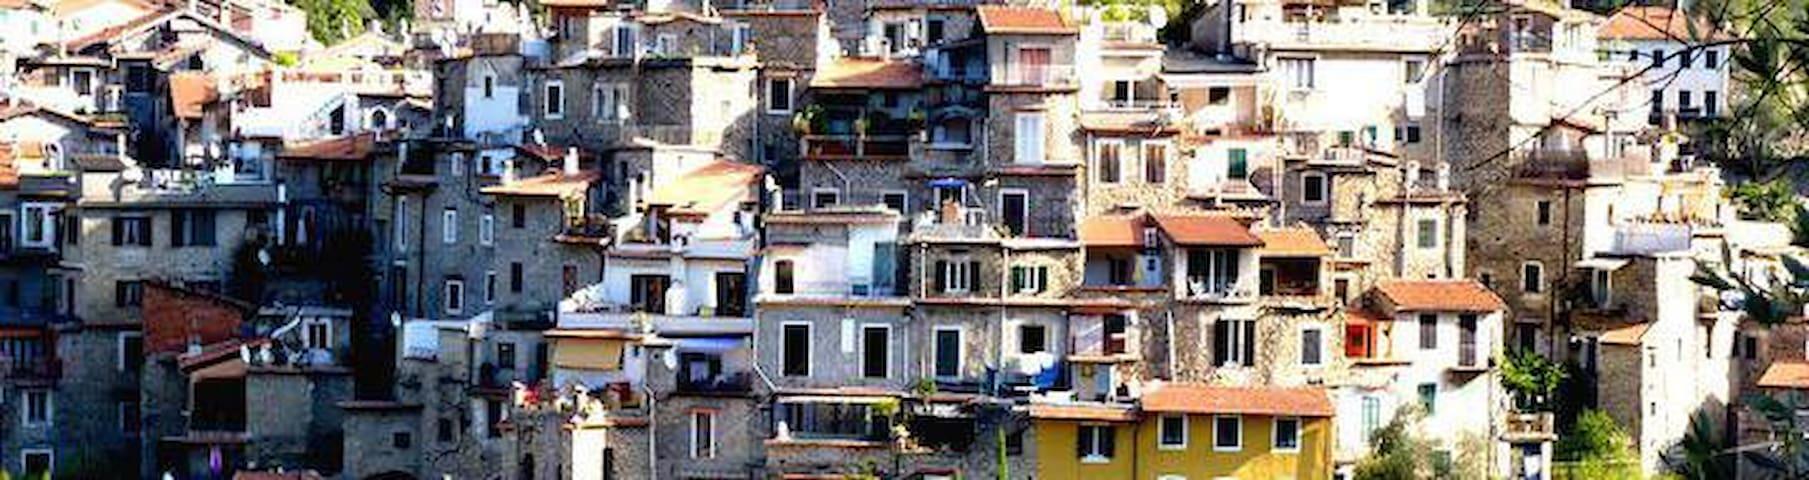 Appartamento Airole, Liguria - Airole - Appartamento